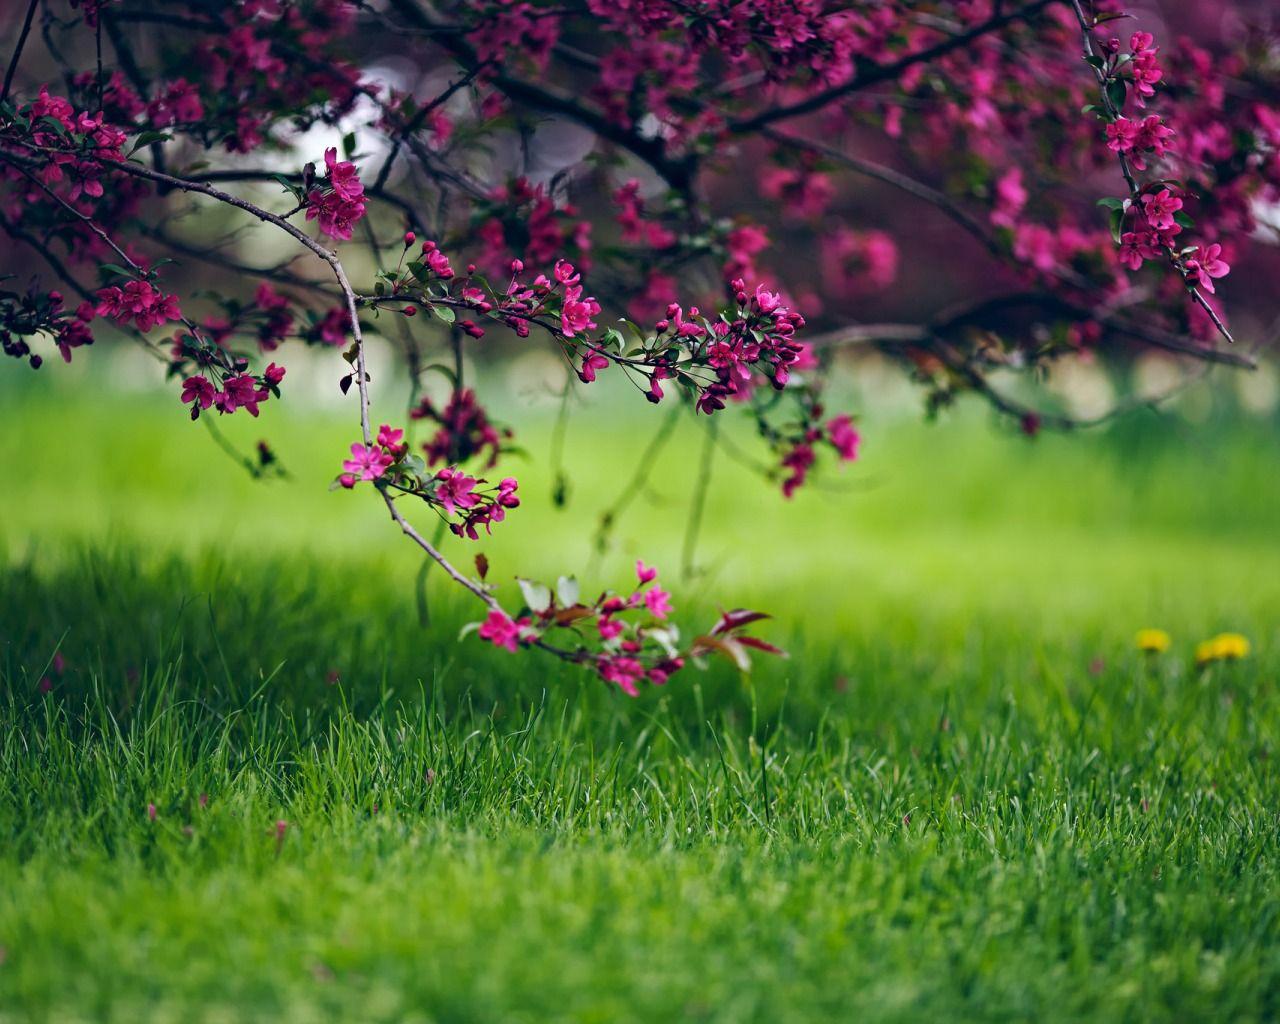 Skachat Oboi Trava Cvety Priroda Derevo Vesna Boke Razdel